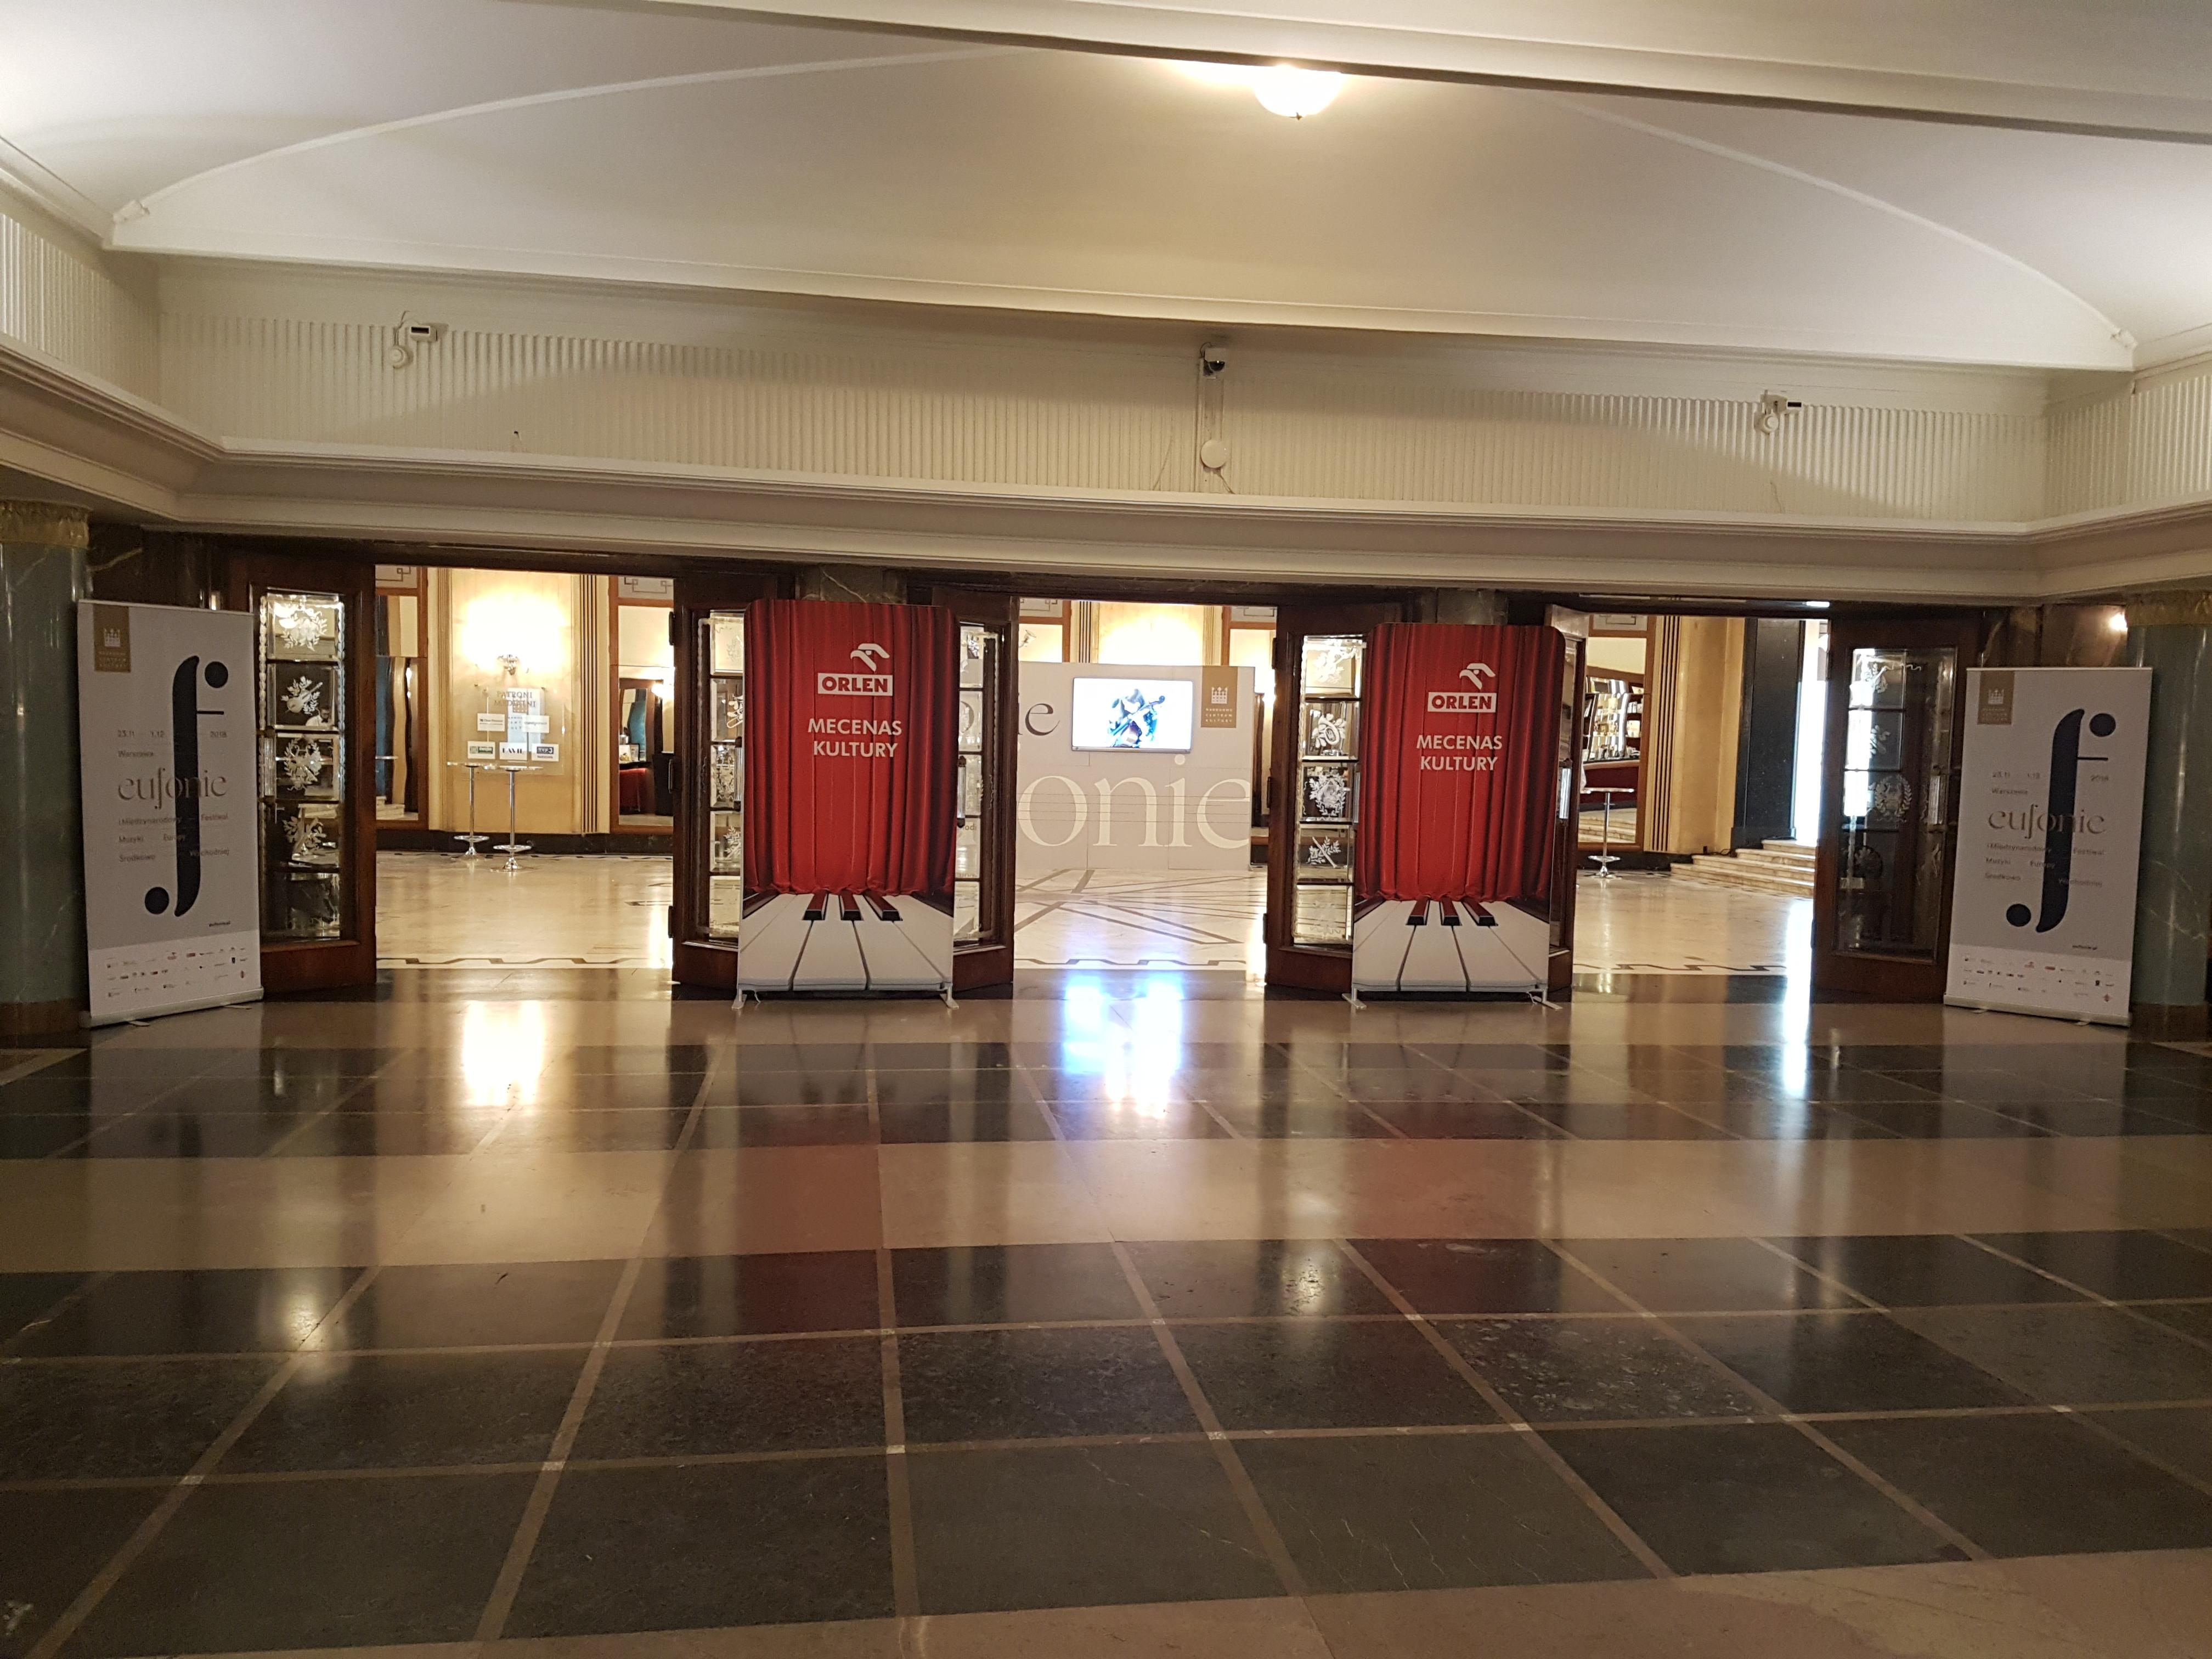 zdjęcie wejścia na salę koncertową